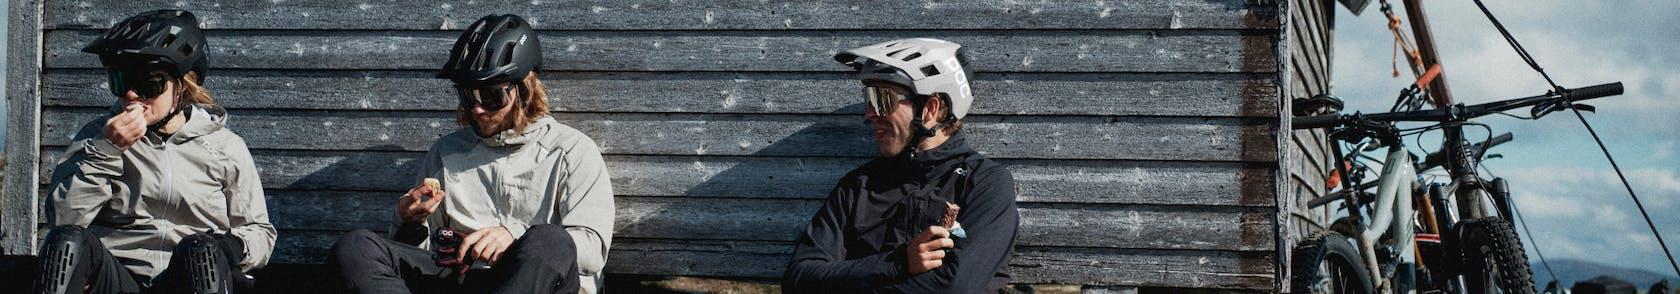 Ciclisti  in riposo con casco